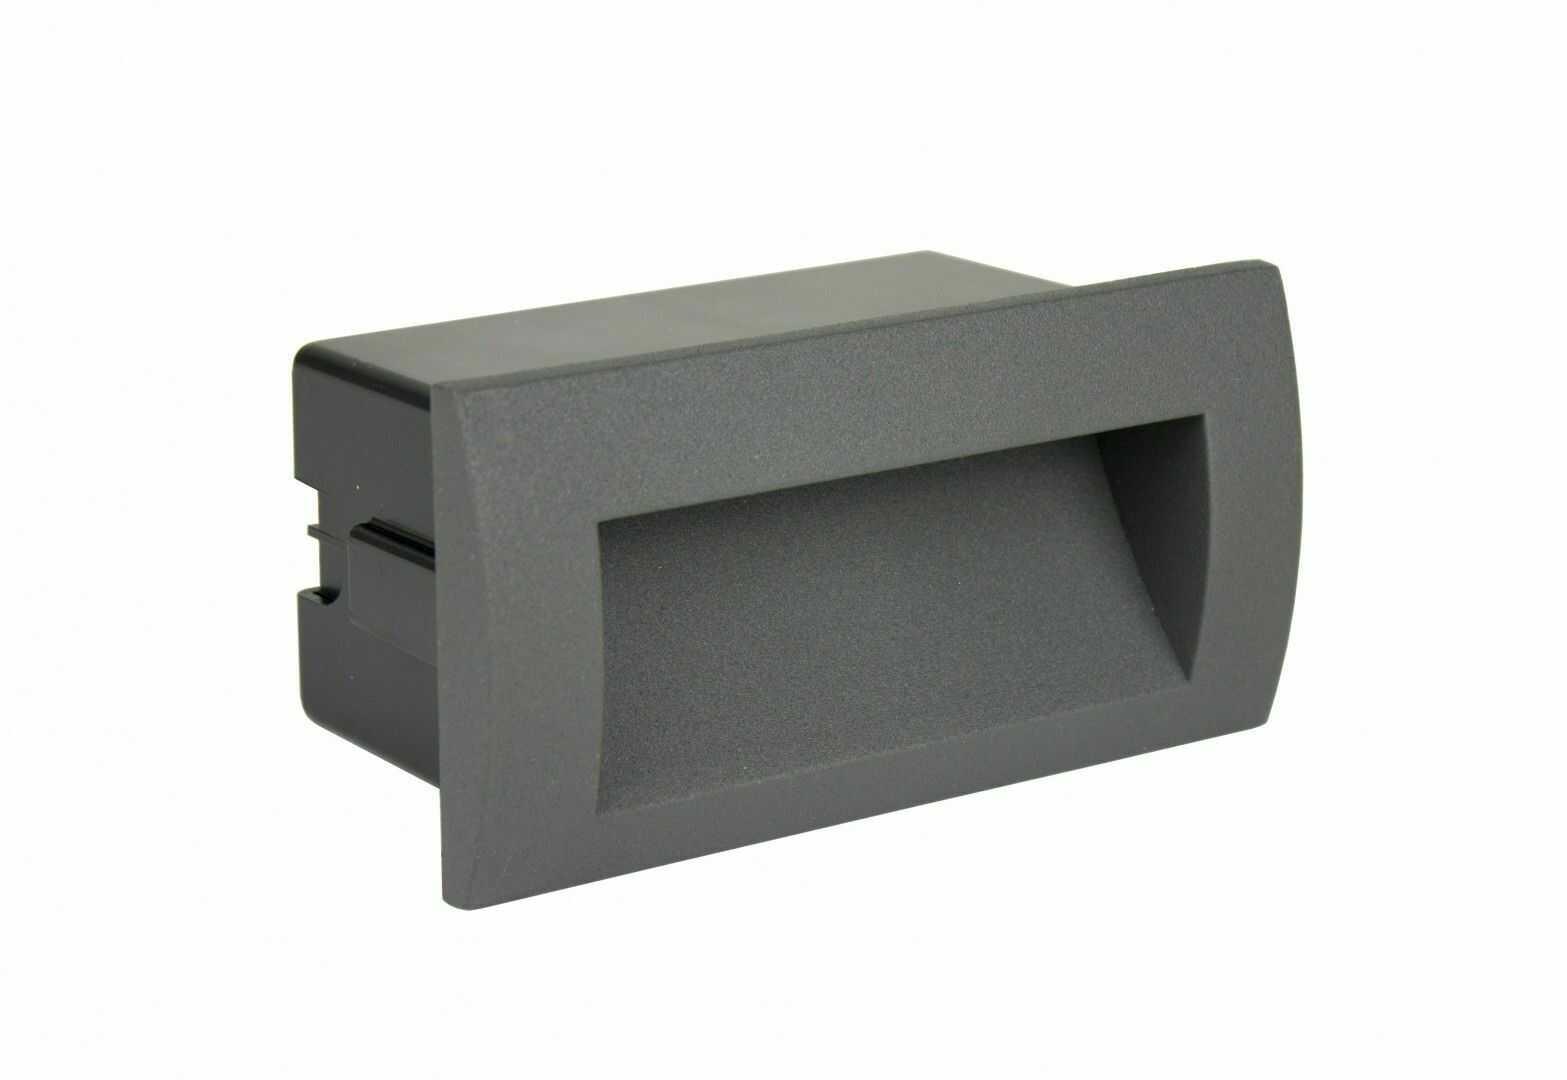 Oprawa do wbudowania MUR-LED M2031 - SU-MA  Sprawdź kupony i rabaty w koszyku  Zamów tel  533-810-034